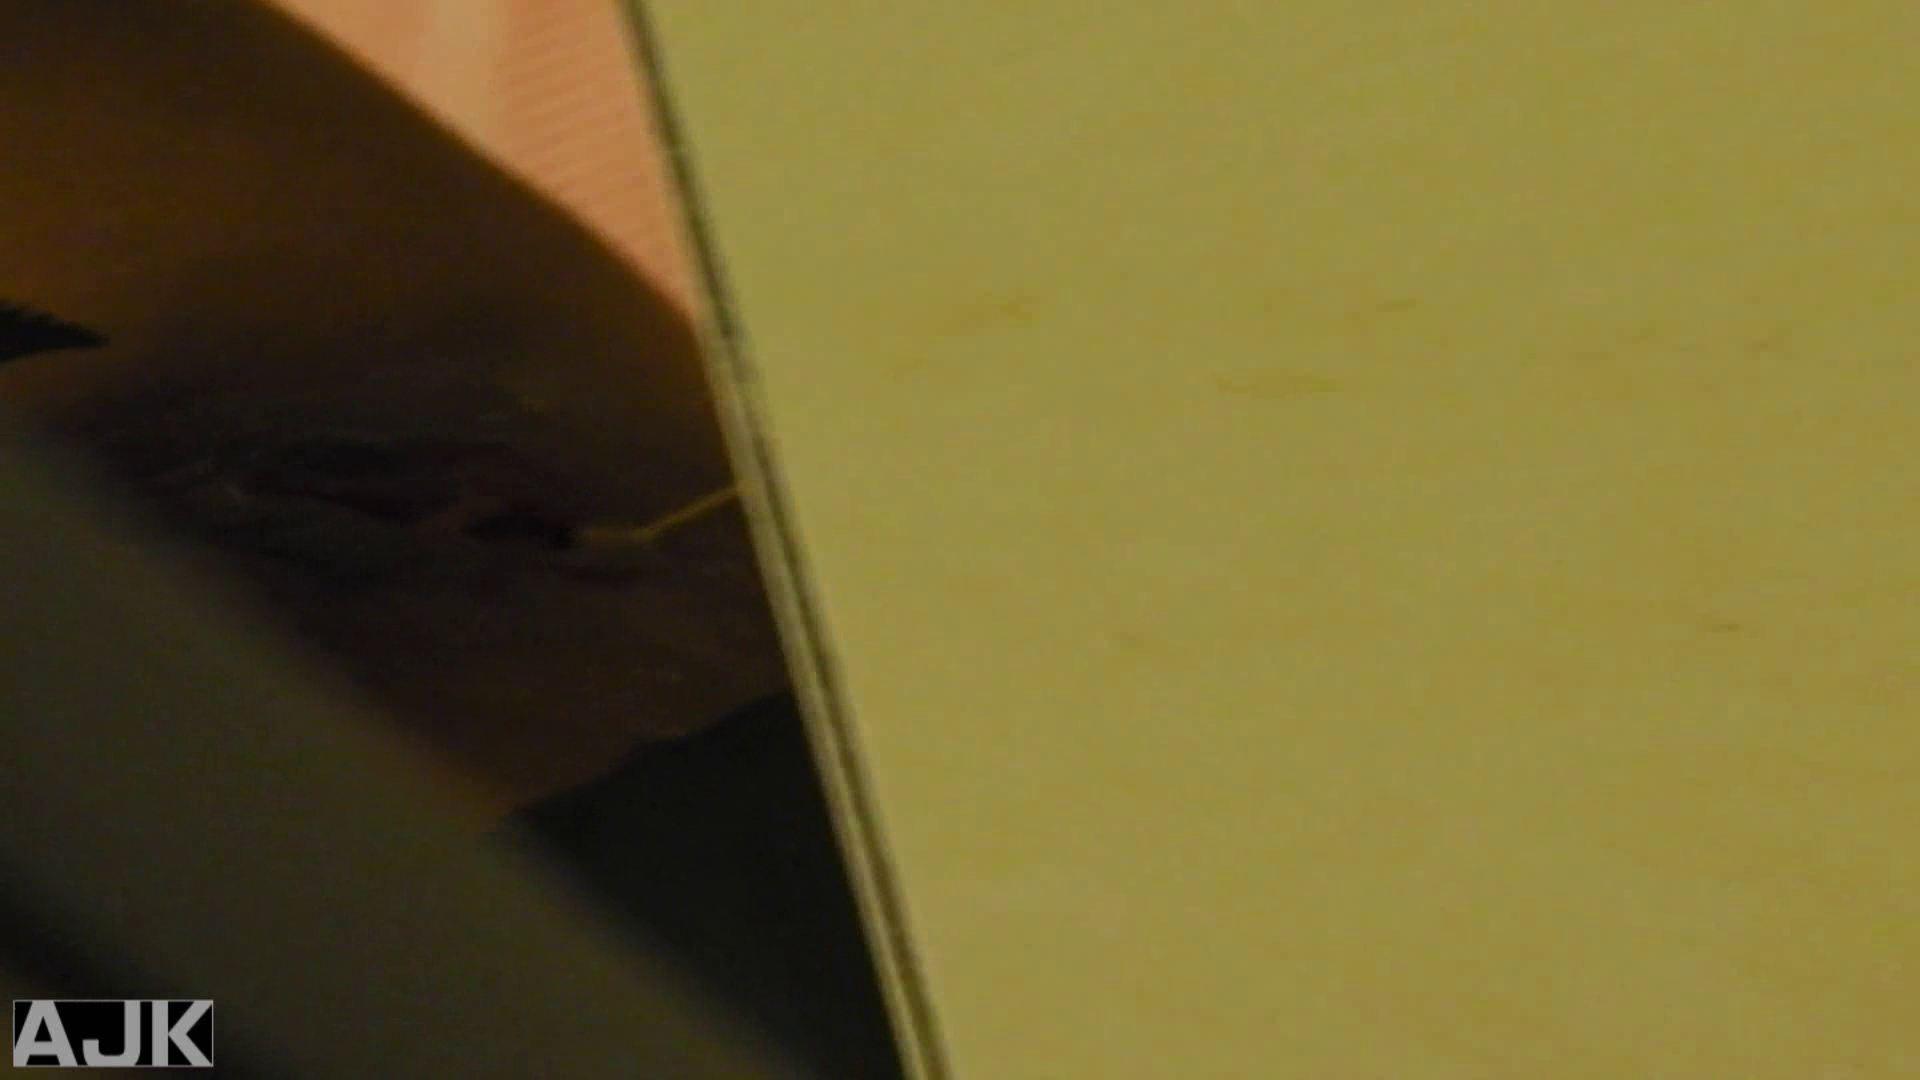 神降臨!史上最強の潜入かわや! vol.09 無修正マンコ 濡れ場動画紹介 44連発 32